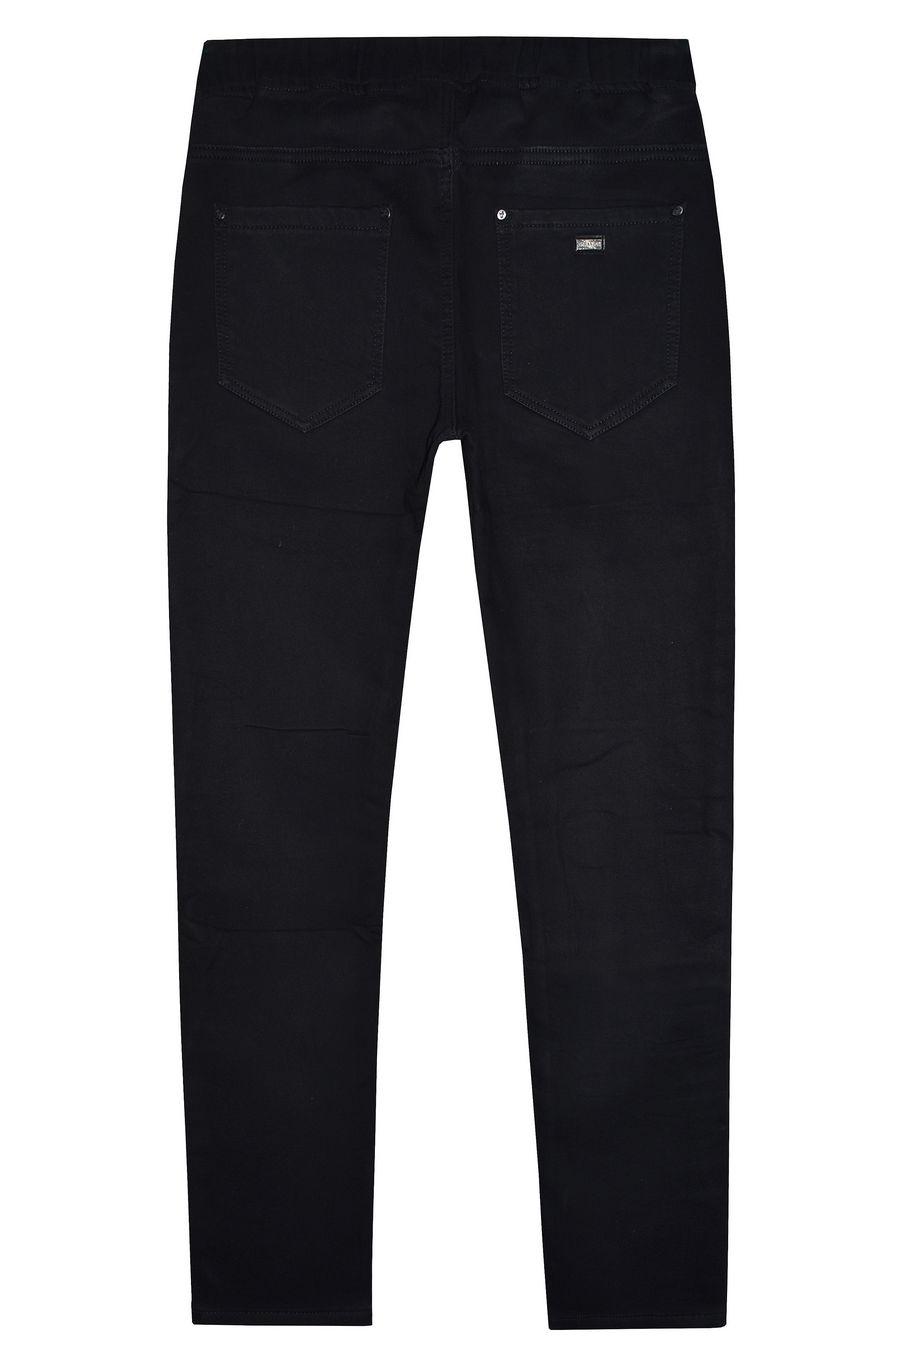 Джинсы женские K.Y Jeans F2239 утепленные - фото 2